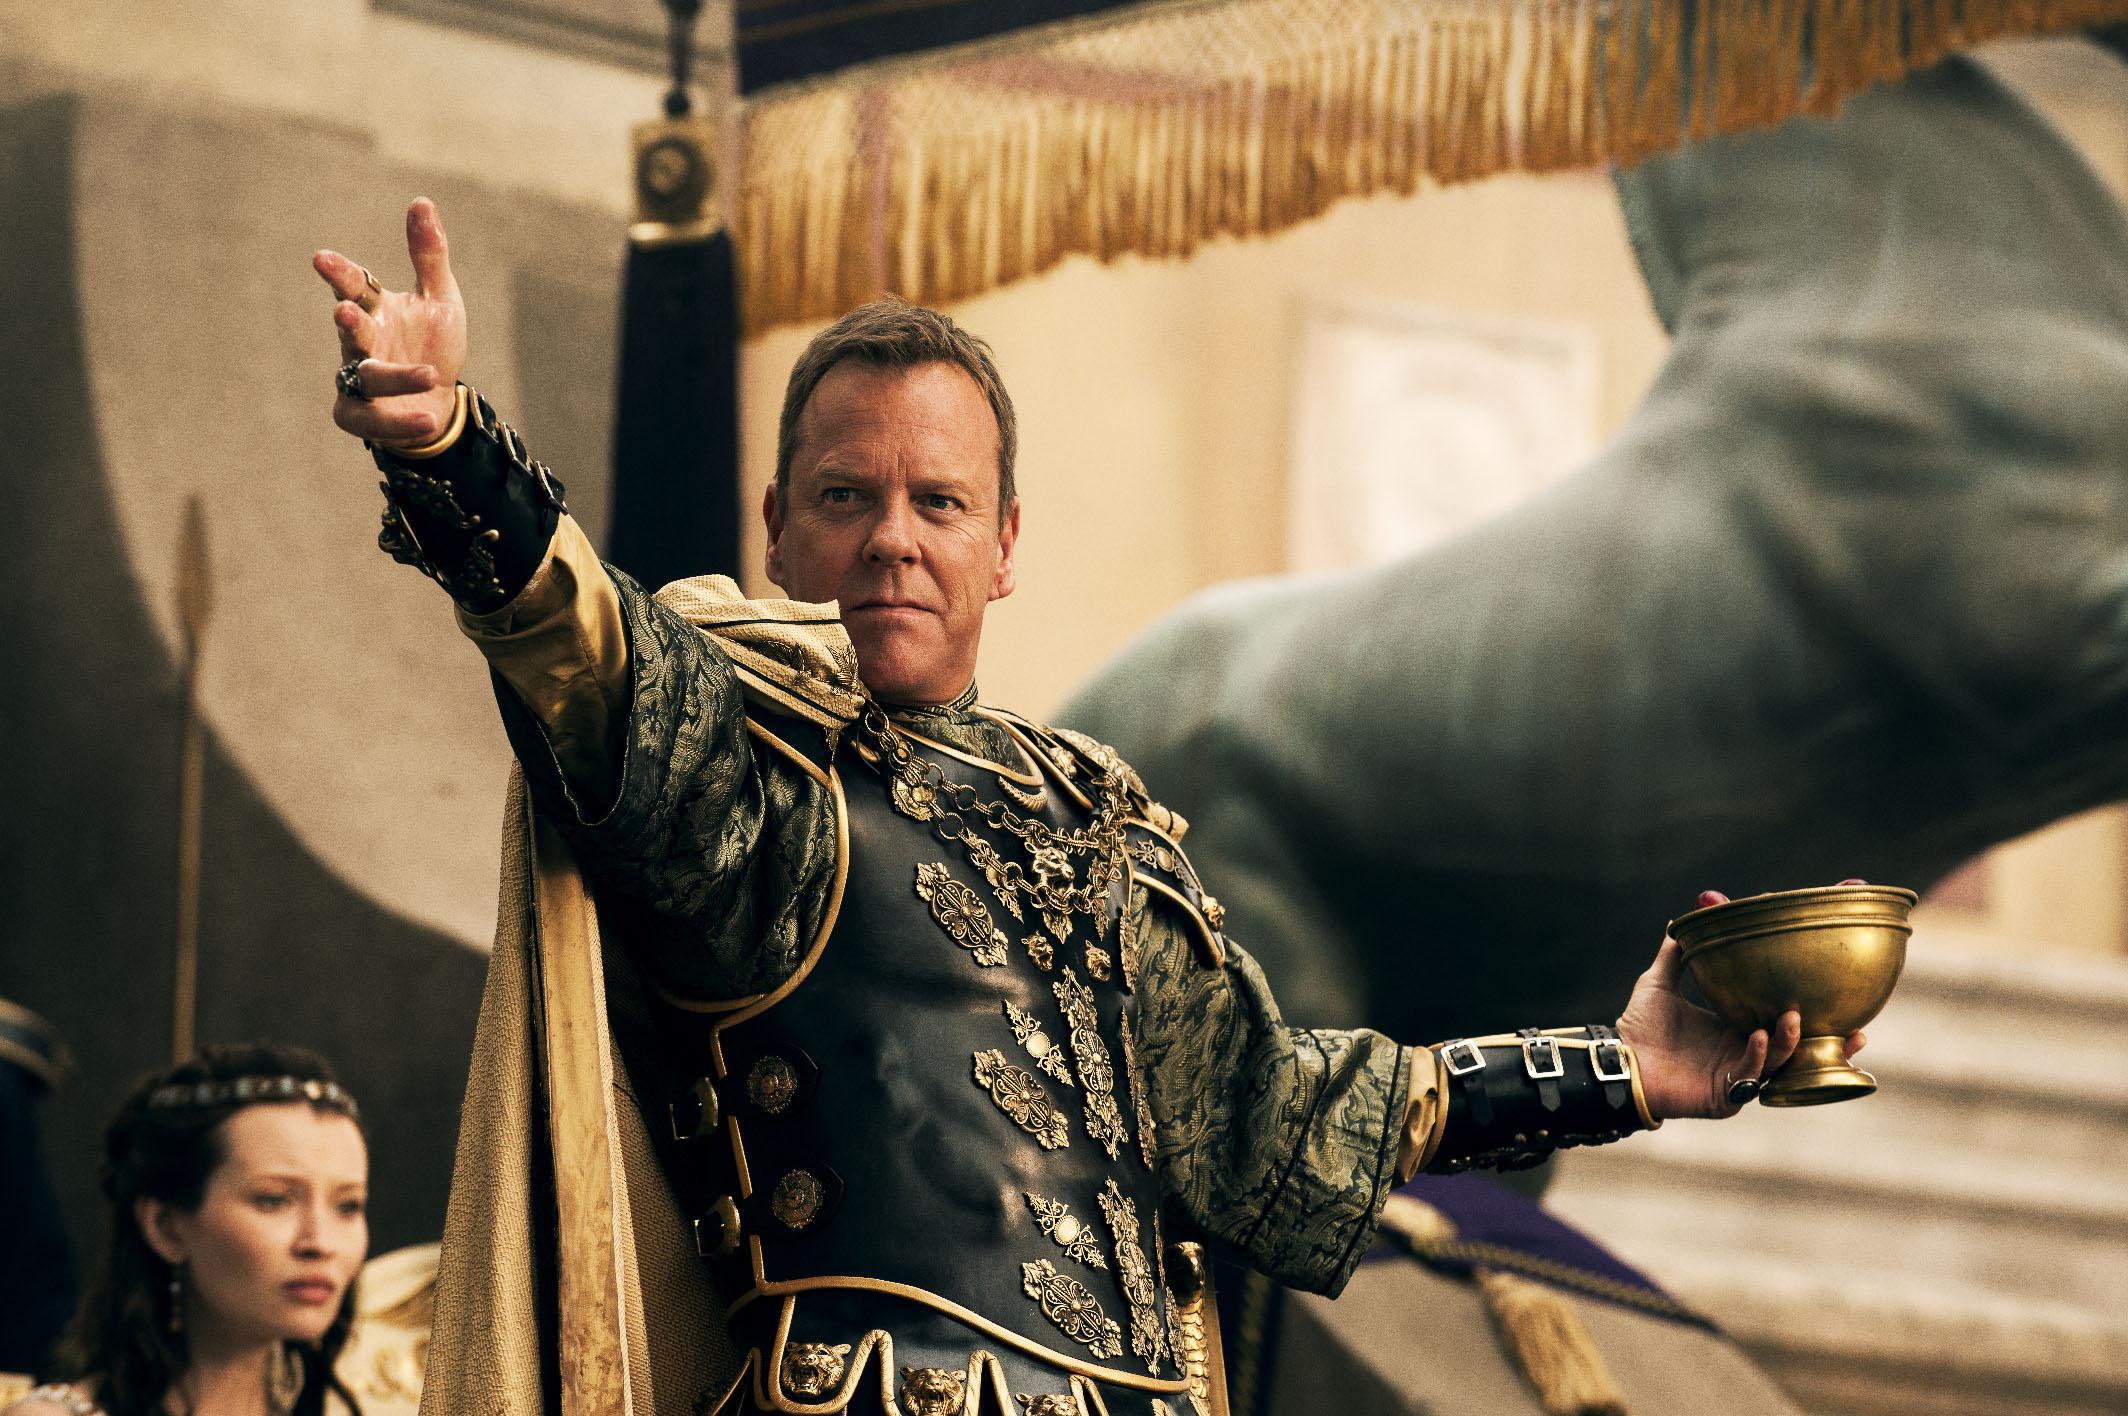 Kiefer Sutherland as Curvus.